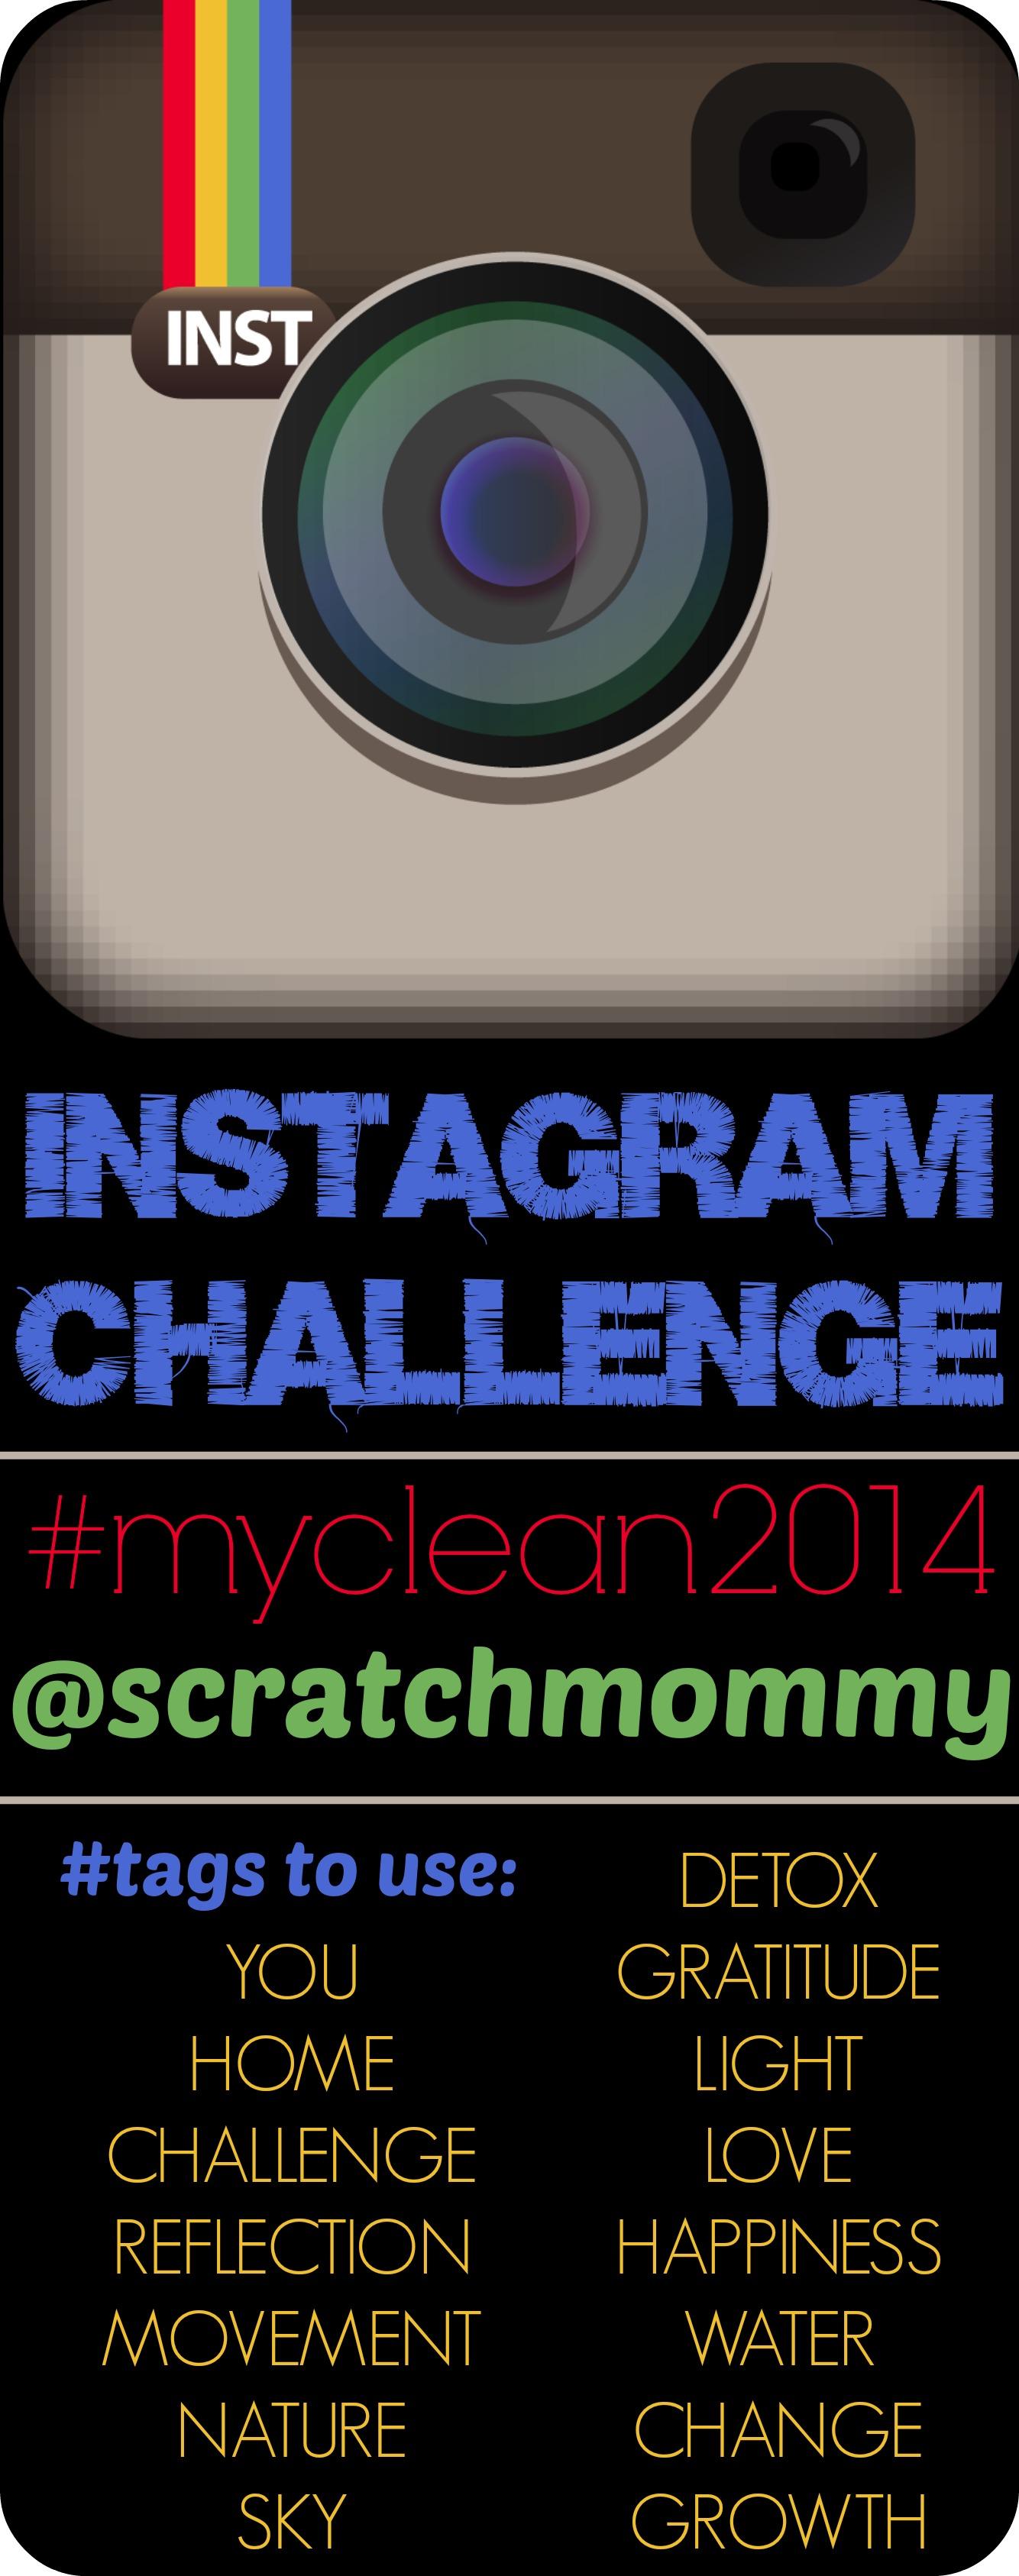 InstagramChallengeMainPic.jpg